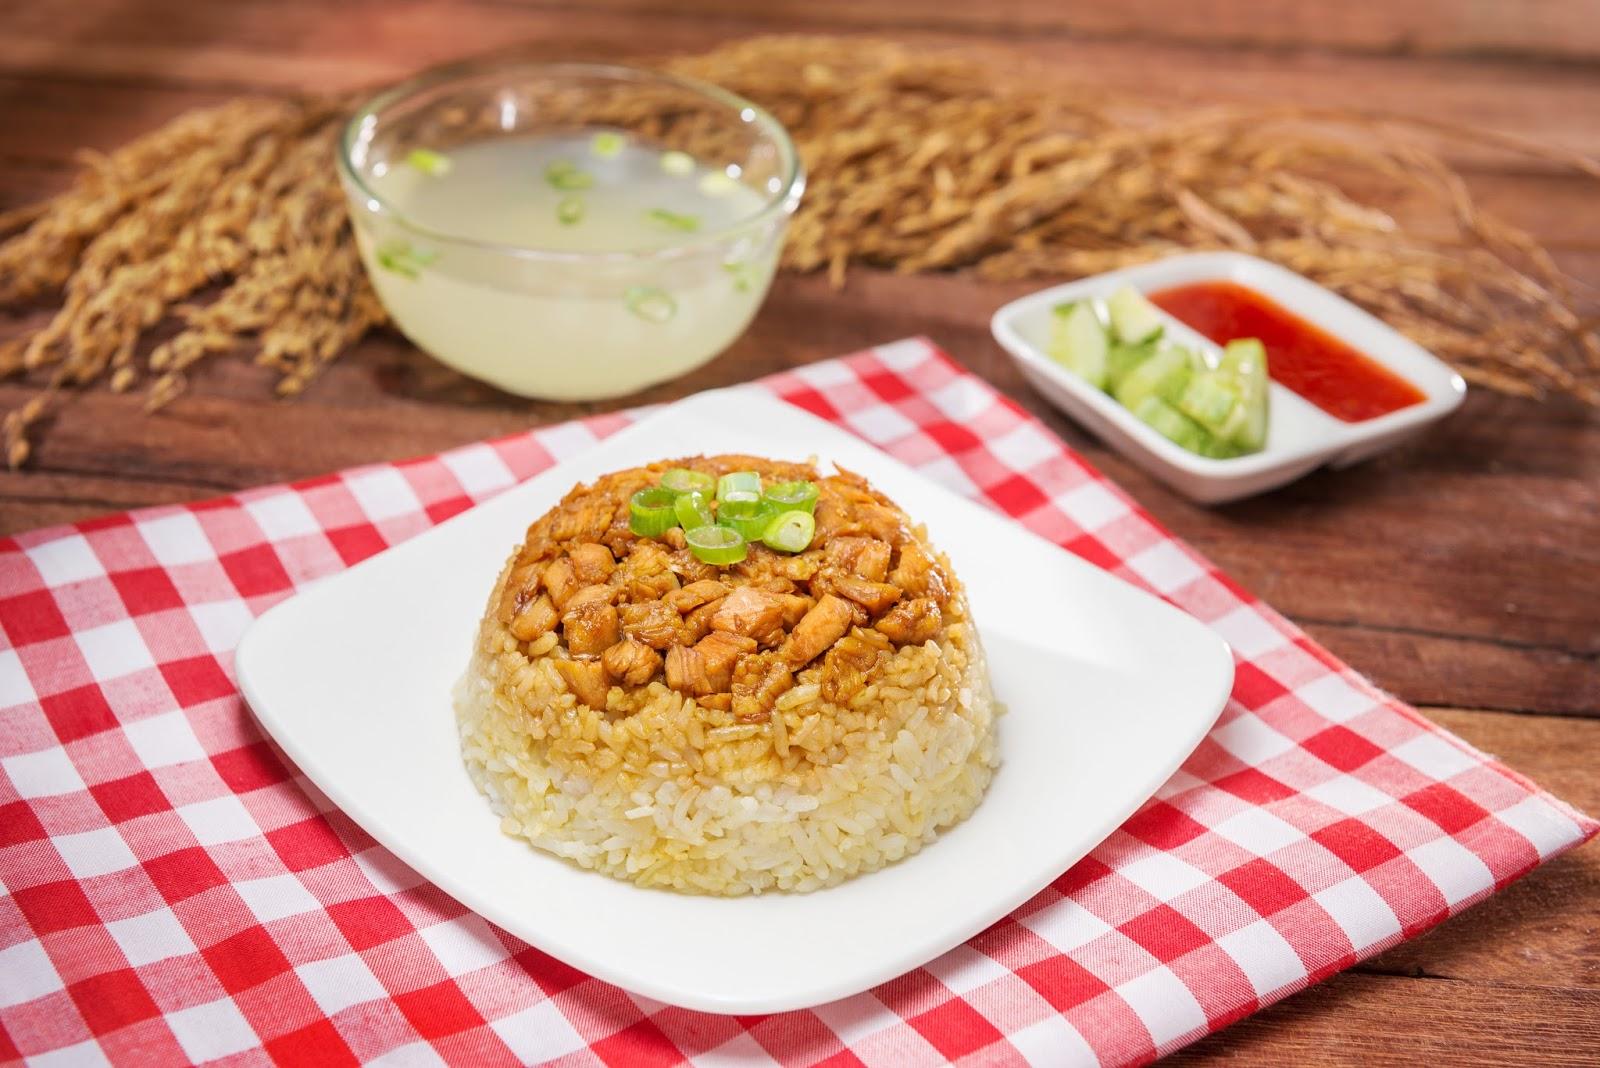 Resep Nasi Tim Ayam Jamur Istimewa Yang Enak